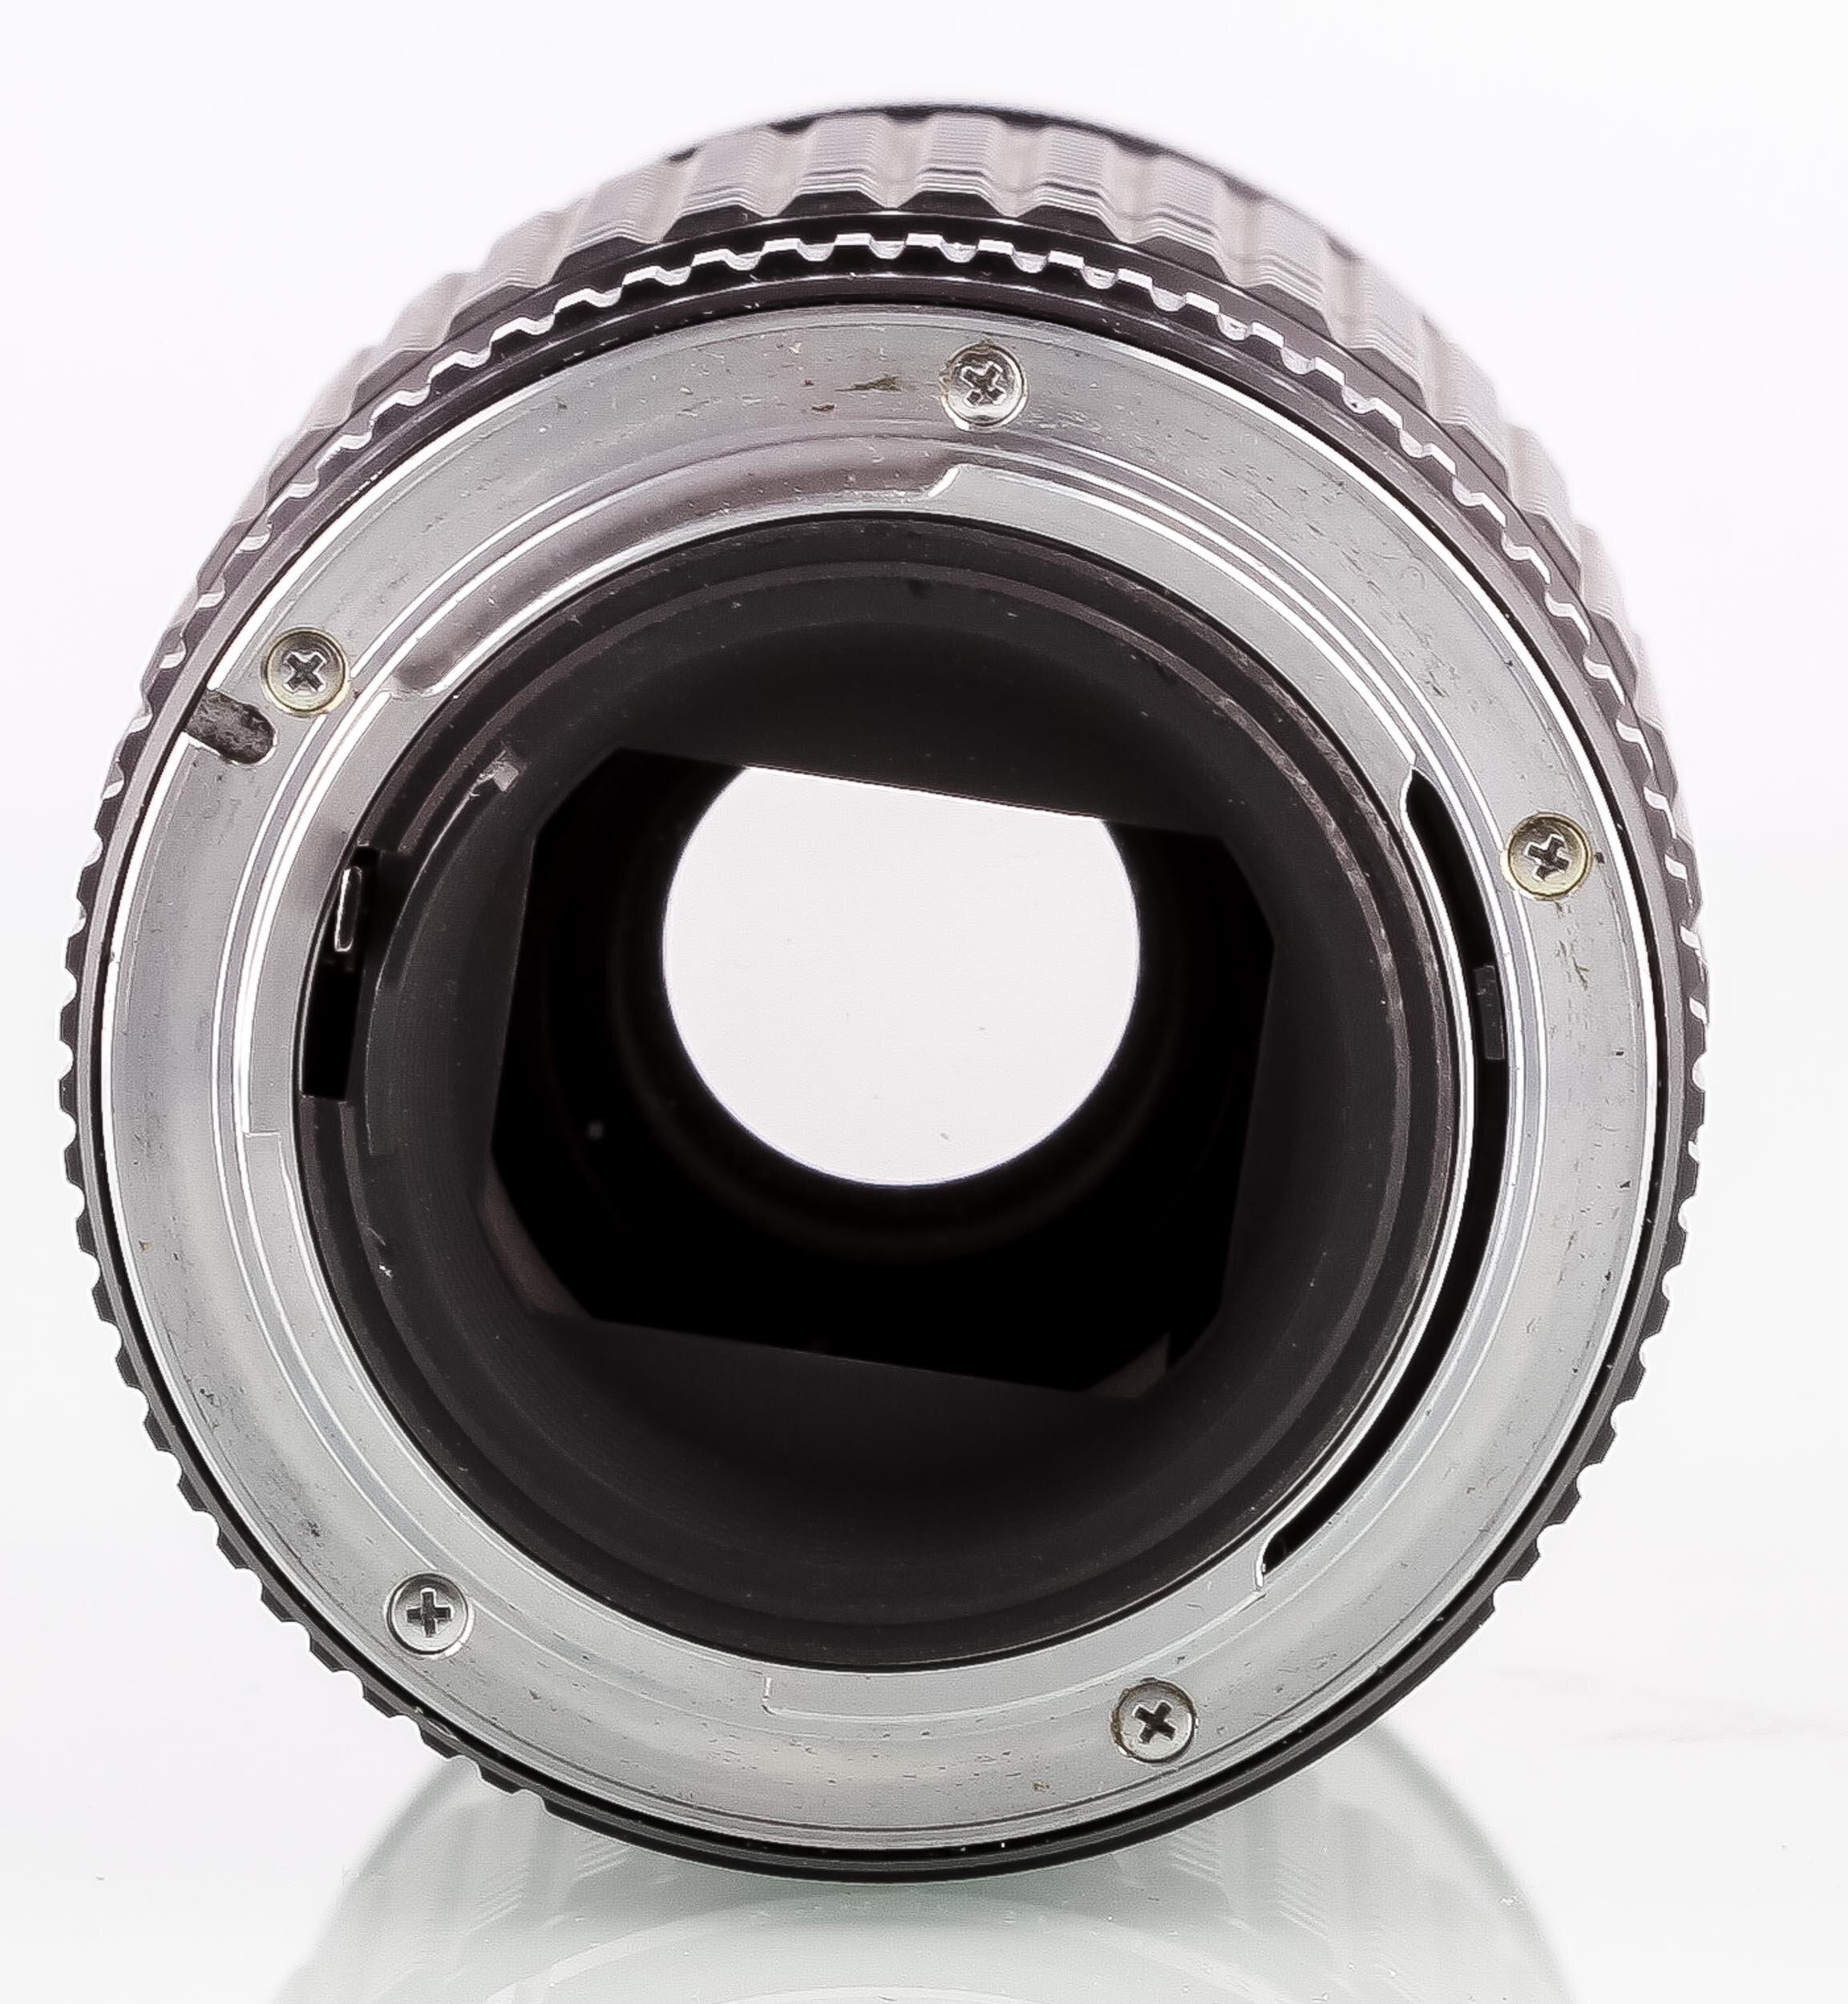 Pentax SMC-M 4/200mm